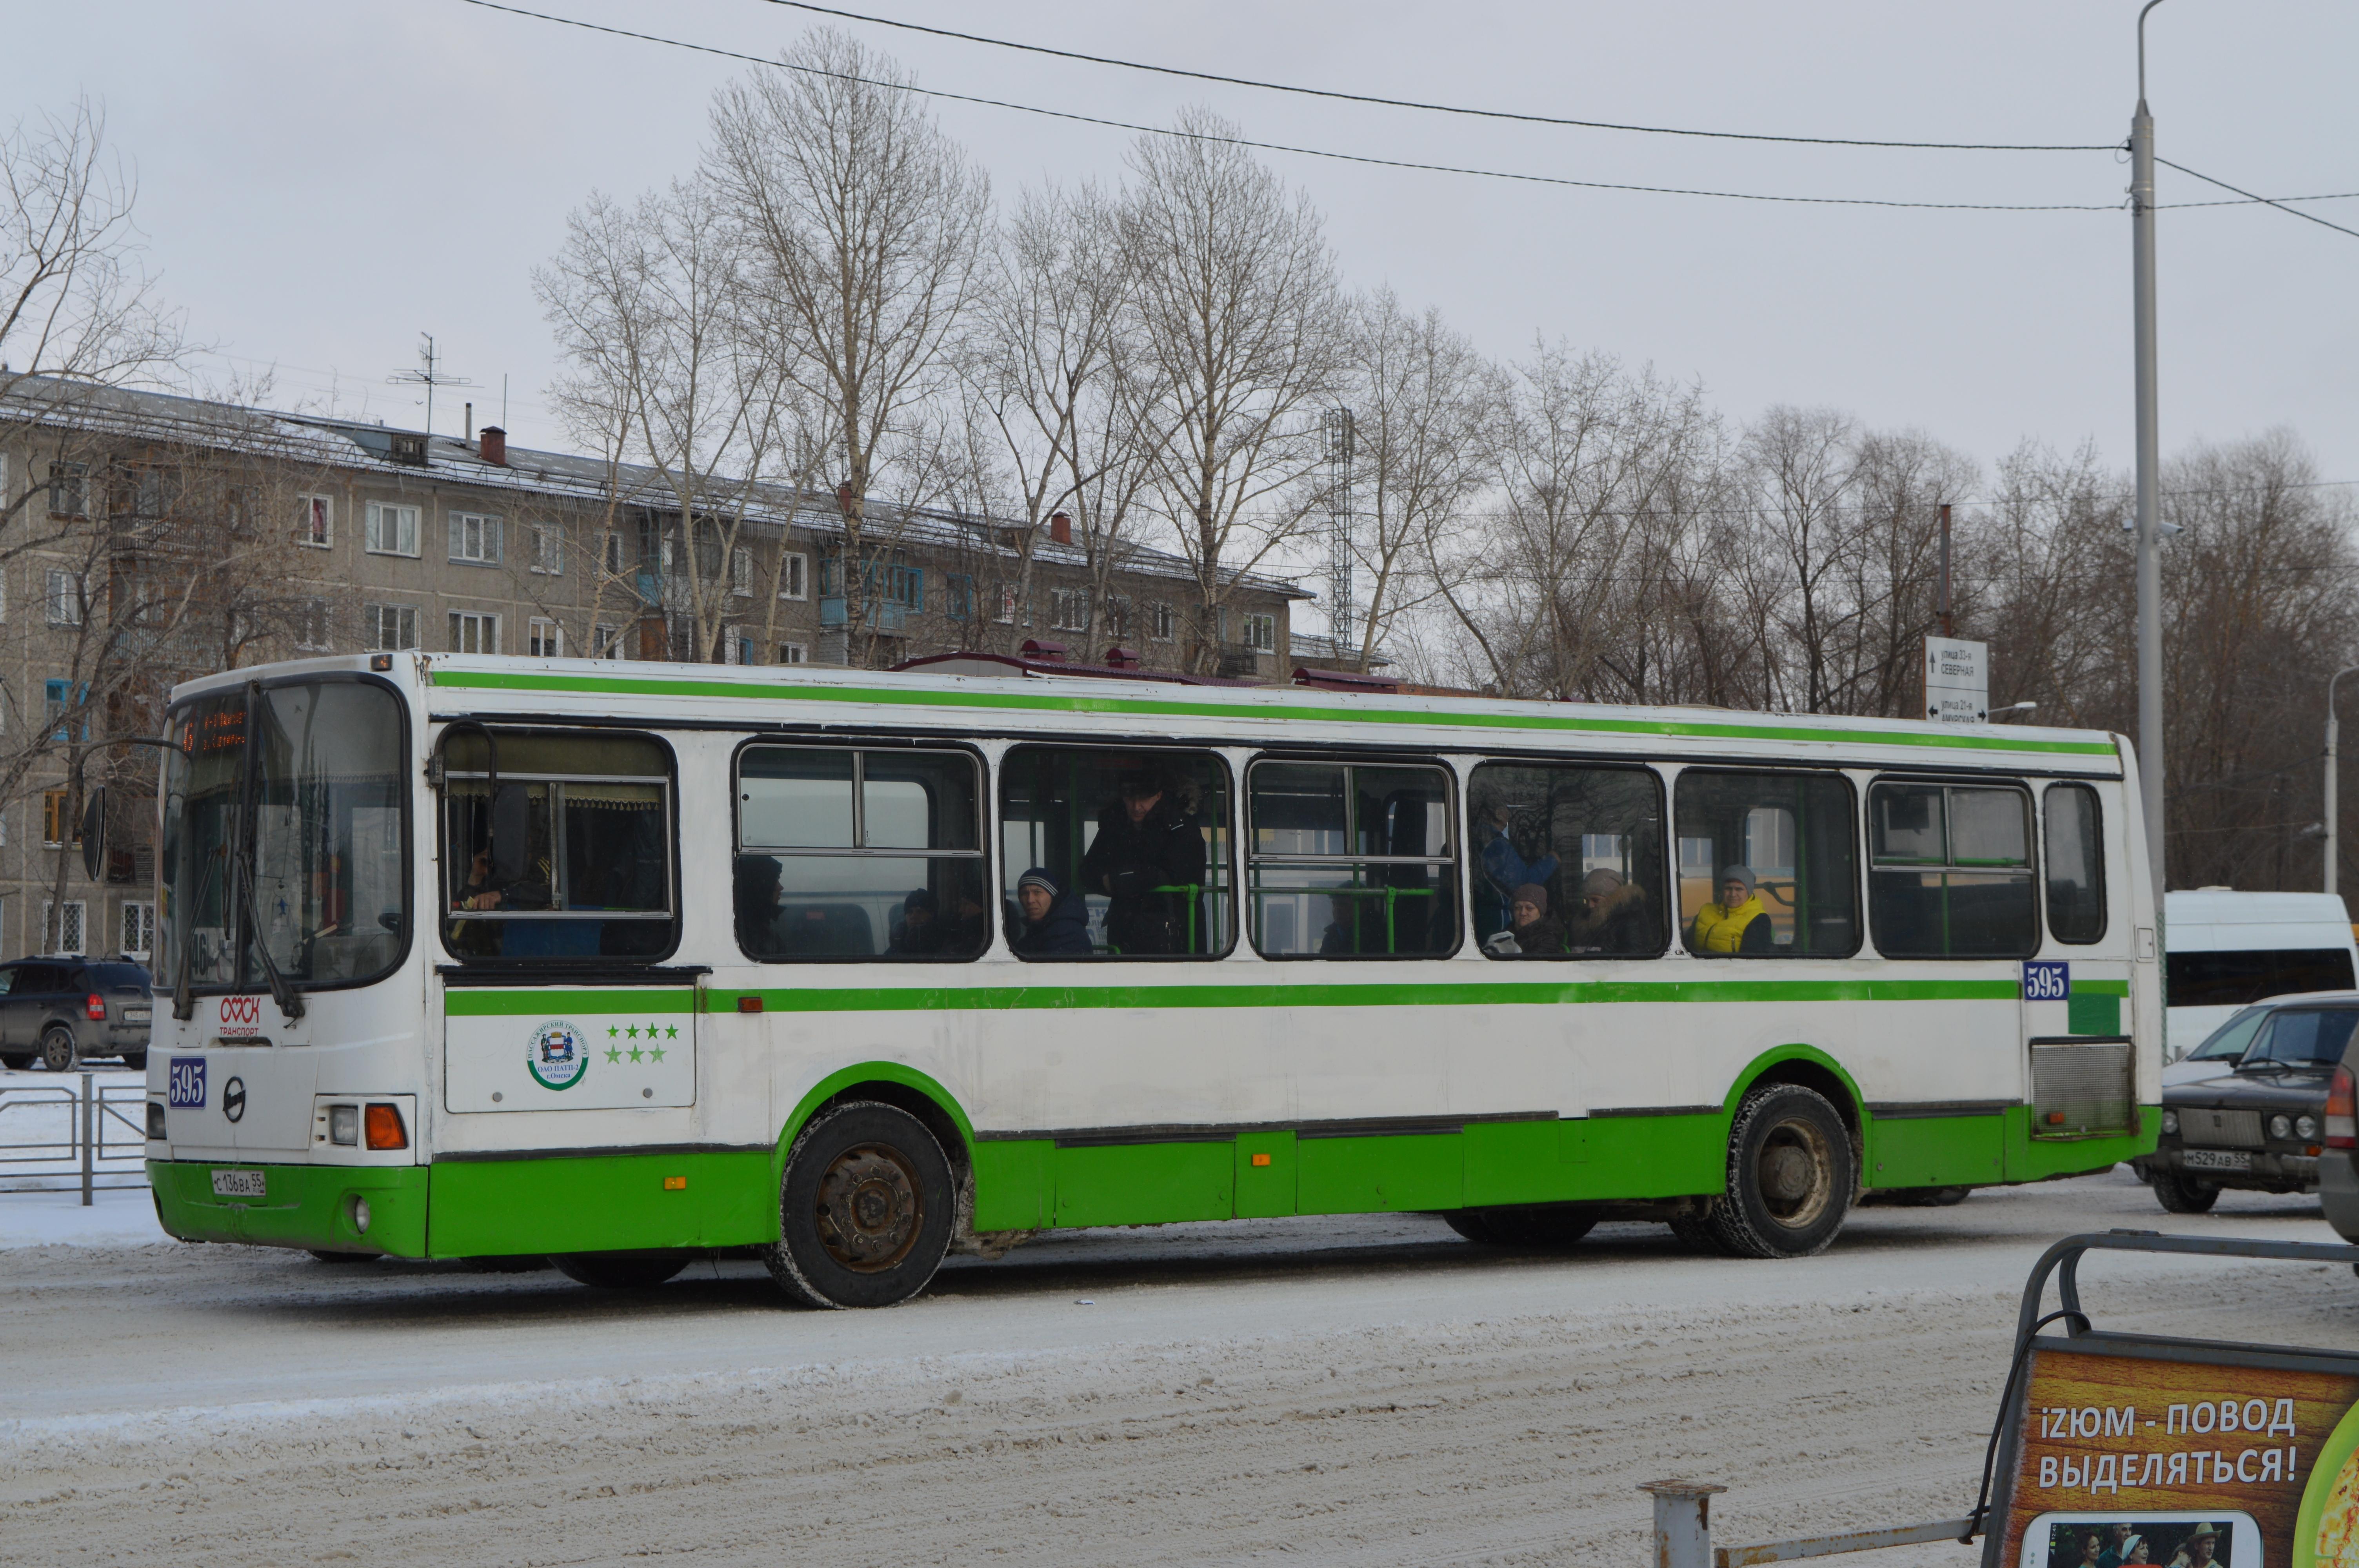 В мэрии обещают: несмотря на меры, долго ждать нужный автобус или троллейбус не придется. Фото: Анастасия ДЕЛЛЬ